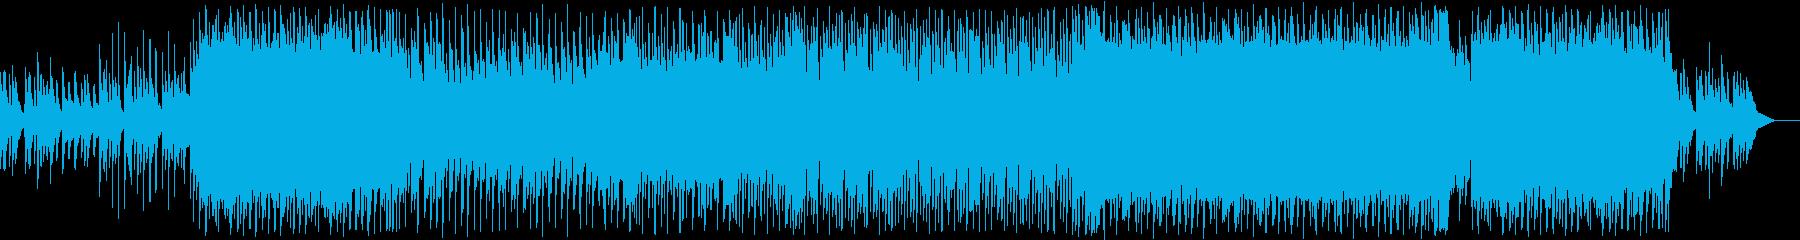 キッズ動画のエンドカードに合う優しい曲の再生済みの波形